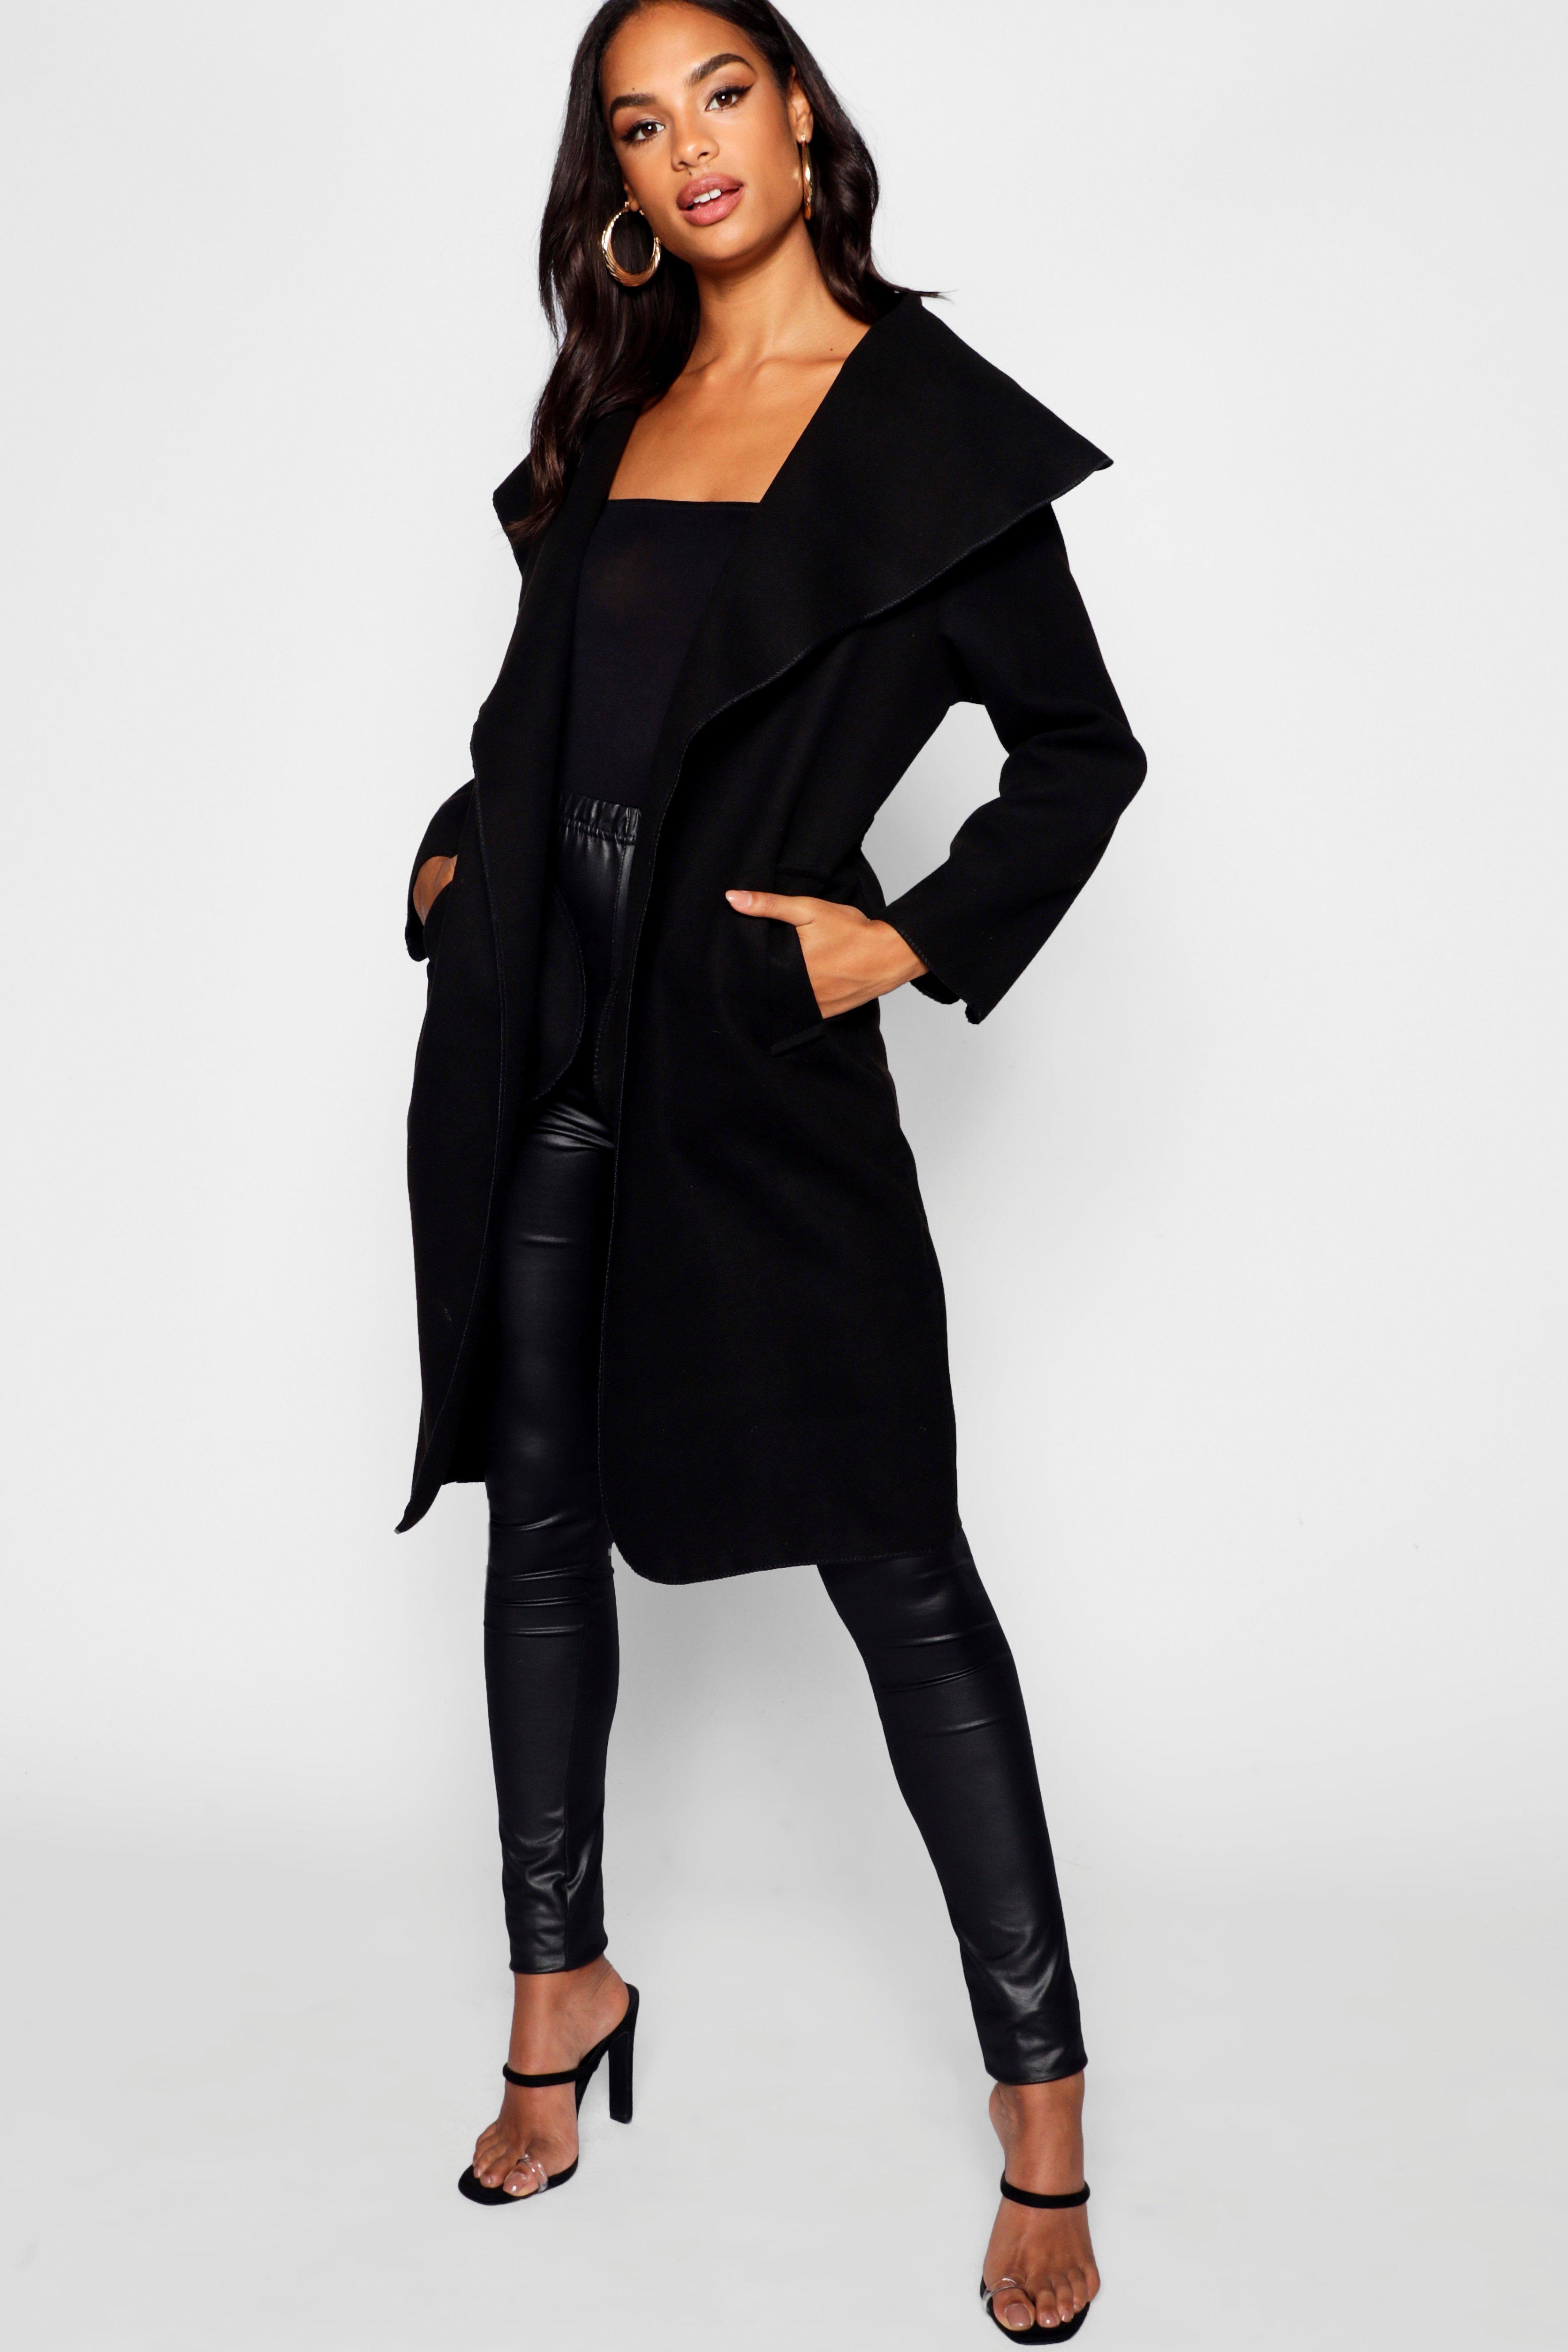 Купить Coats & Jackets, Короткое пальто с воротником-шалью из коллекции <Tall>, boohoo